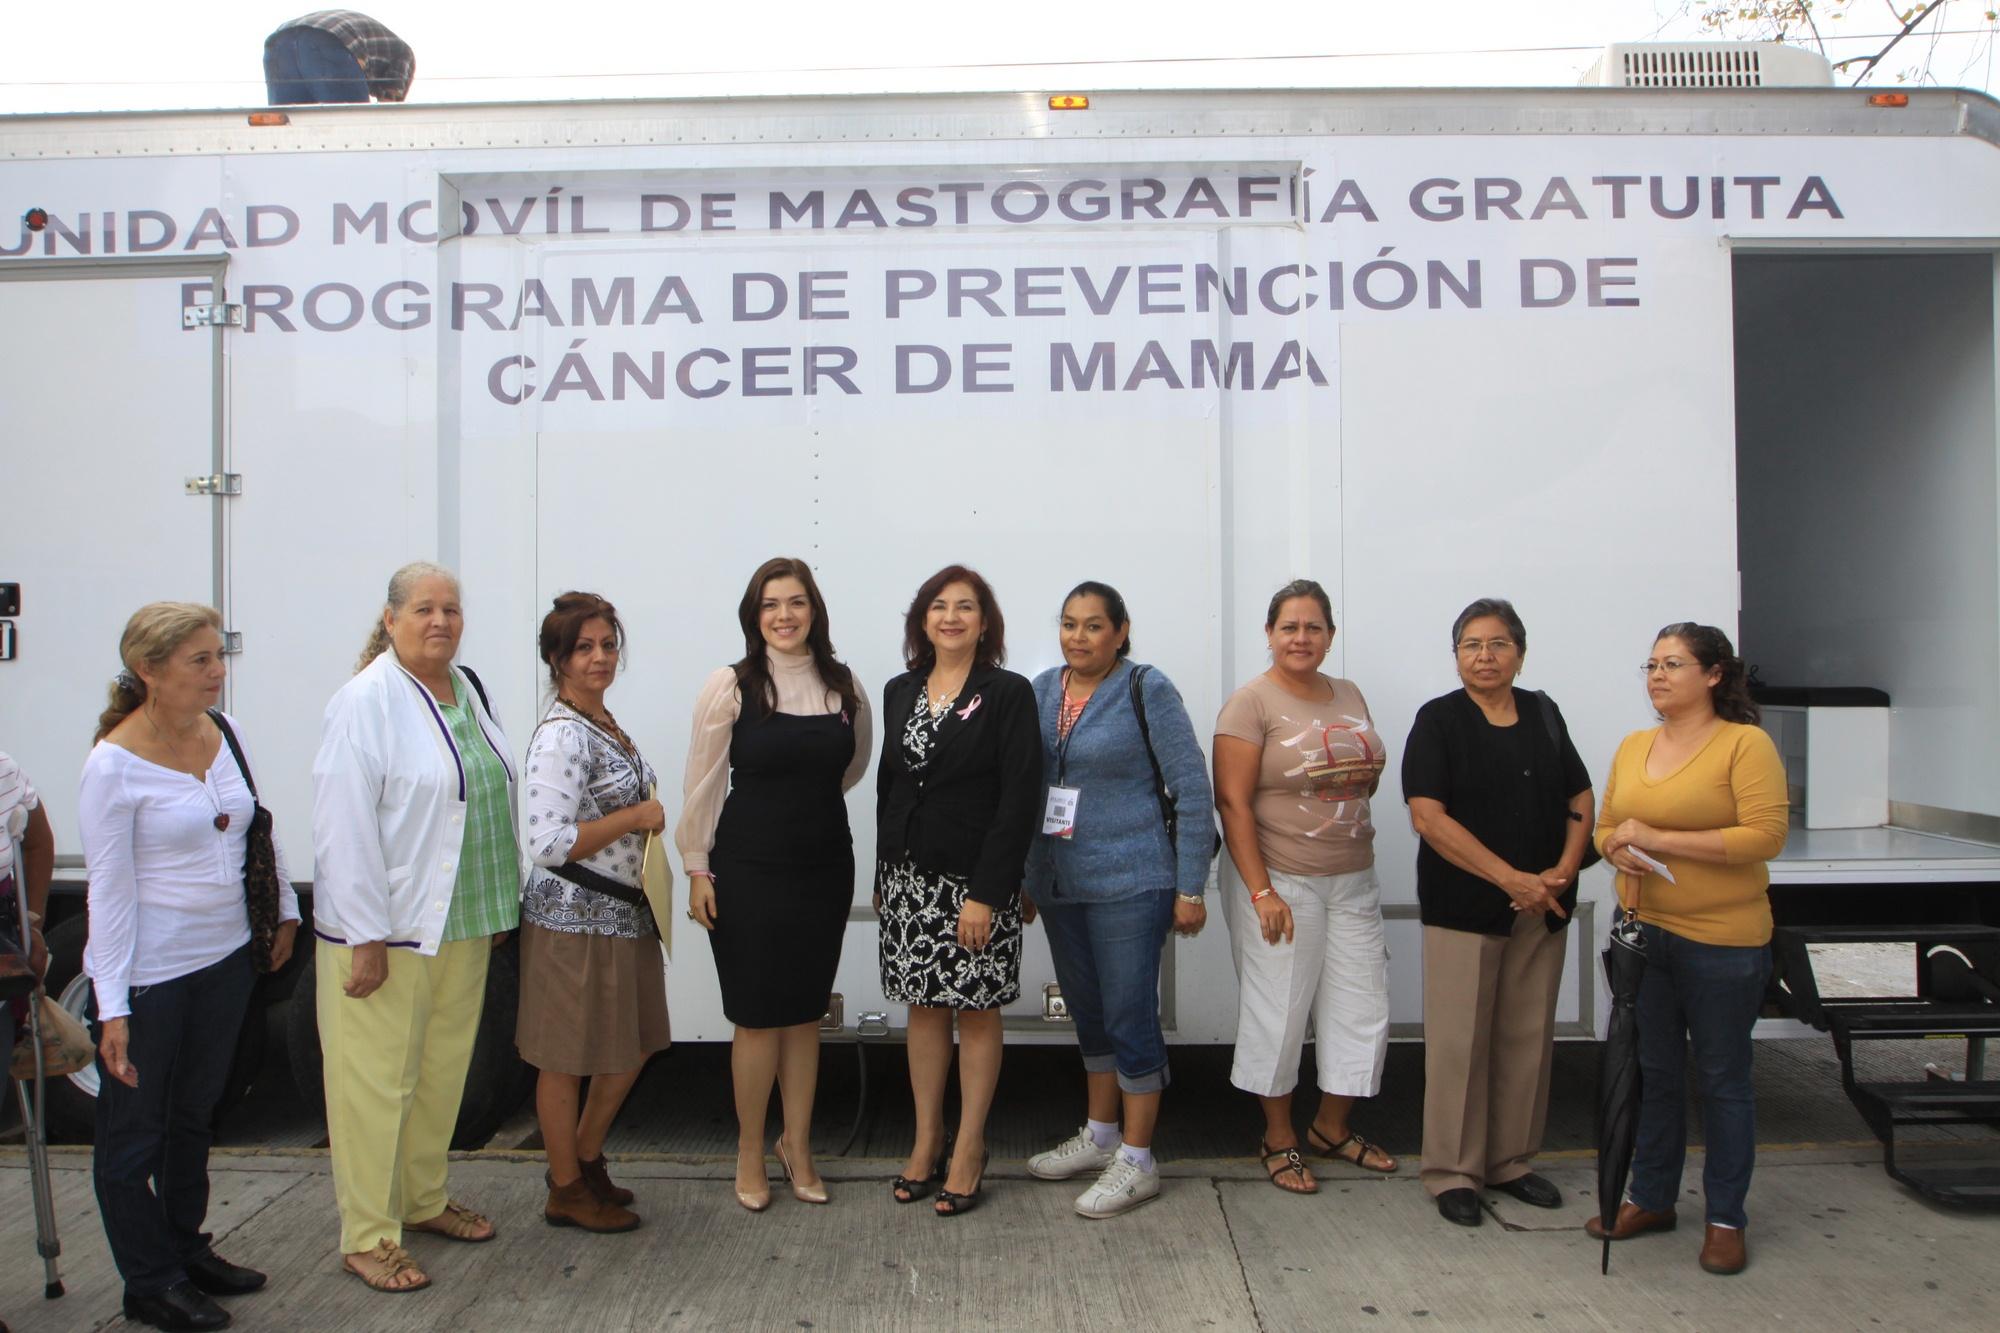 Unen esfuerzos contra el cáncer de mama en Jalisco